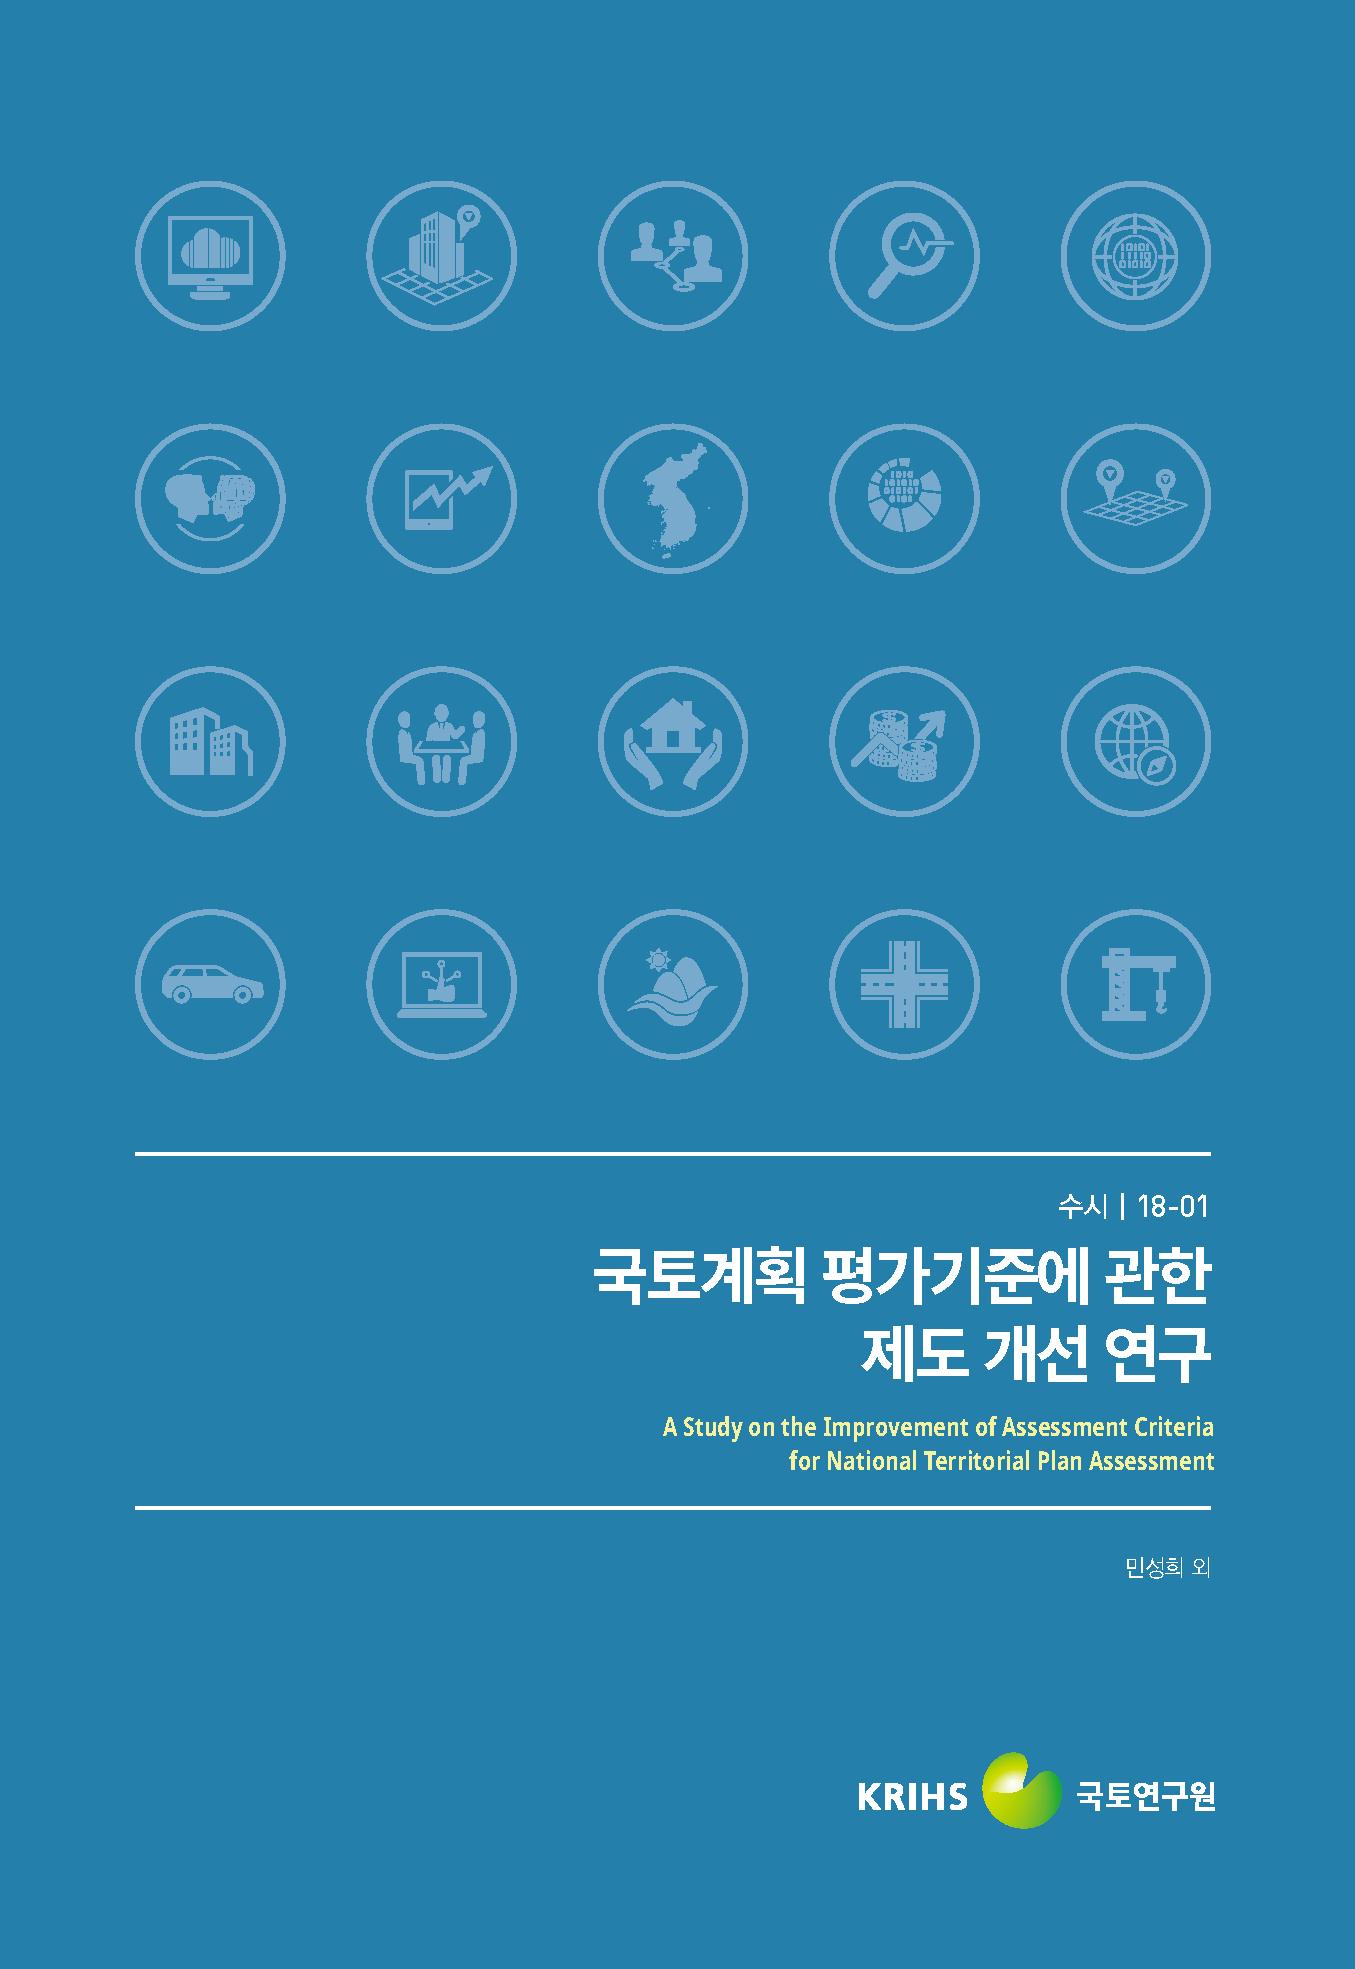 국토계획 평가기준에 관한 제도 개선 연구표지